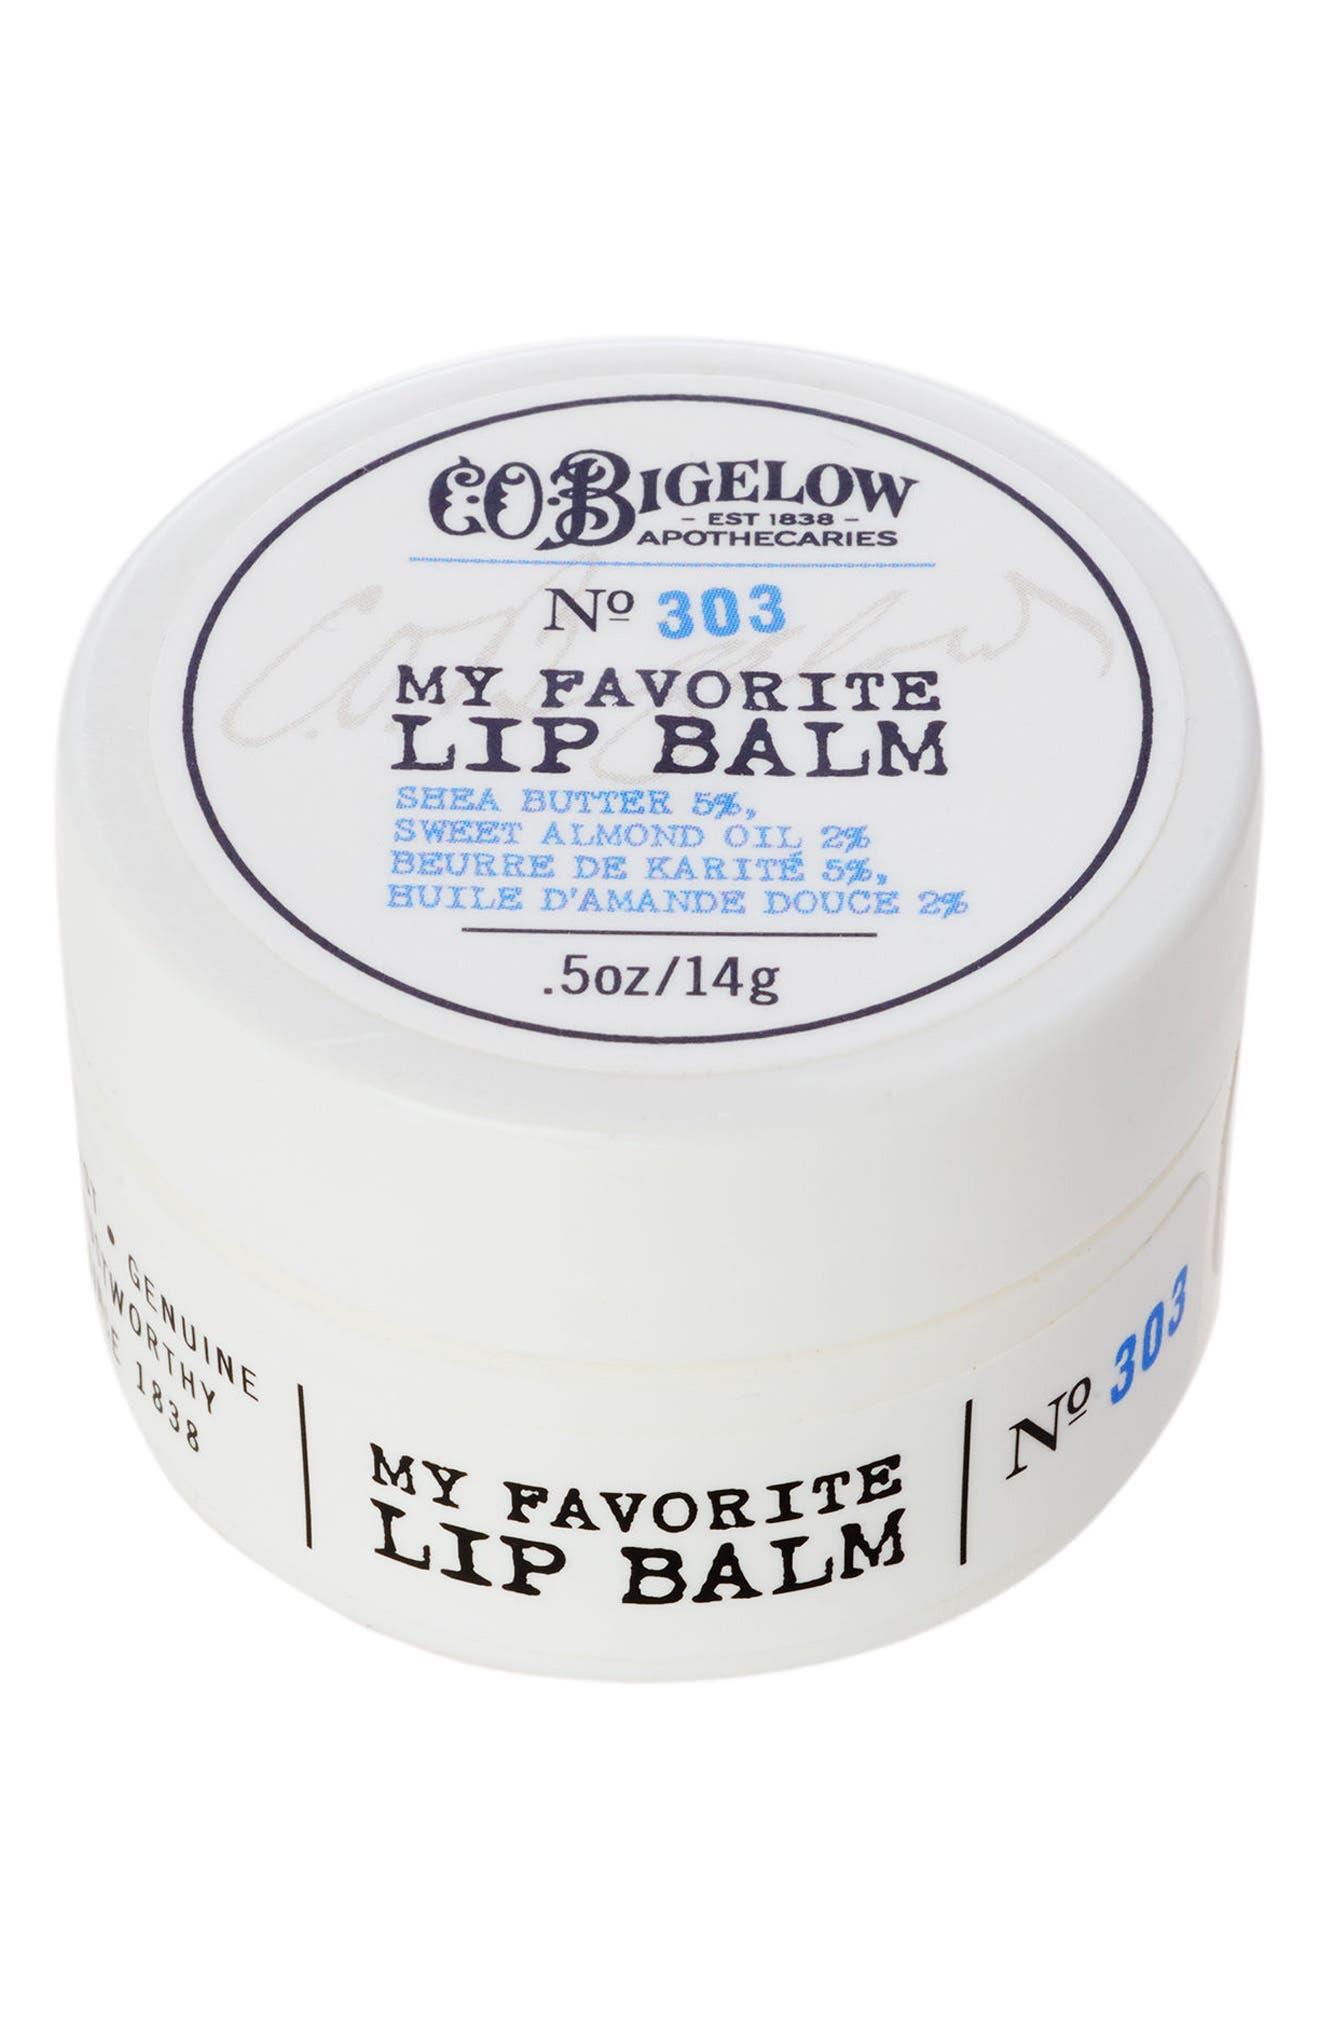 Alternate Image 1 Selected - C.O. Bigelow® No. 303 My Favorite Lip Balm in a Jar